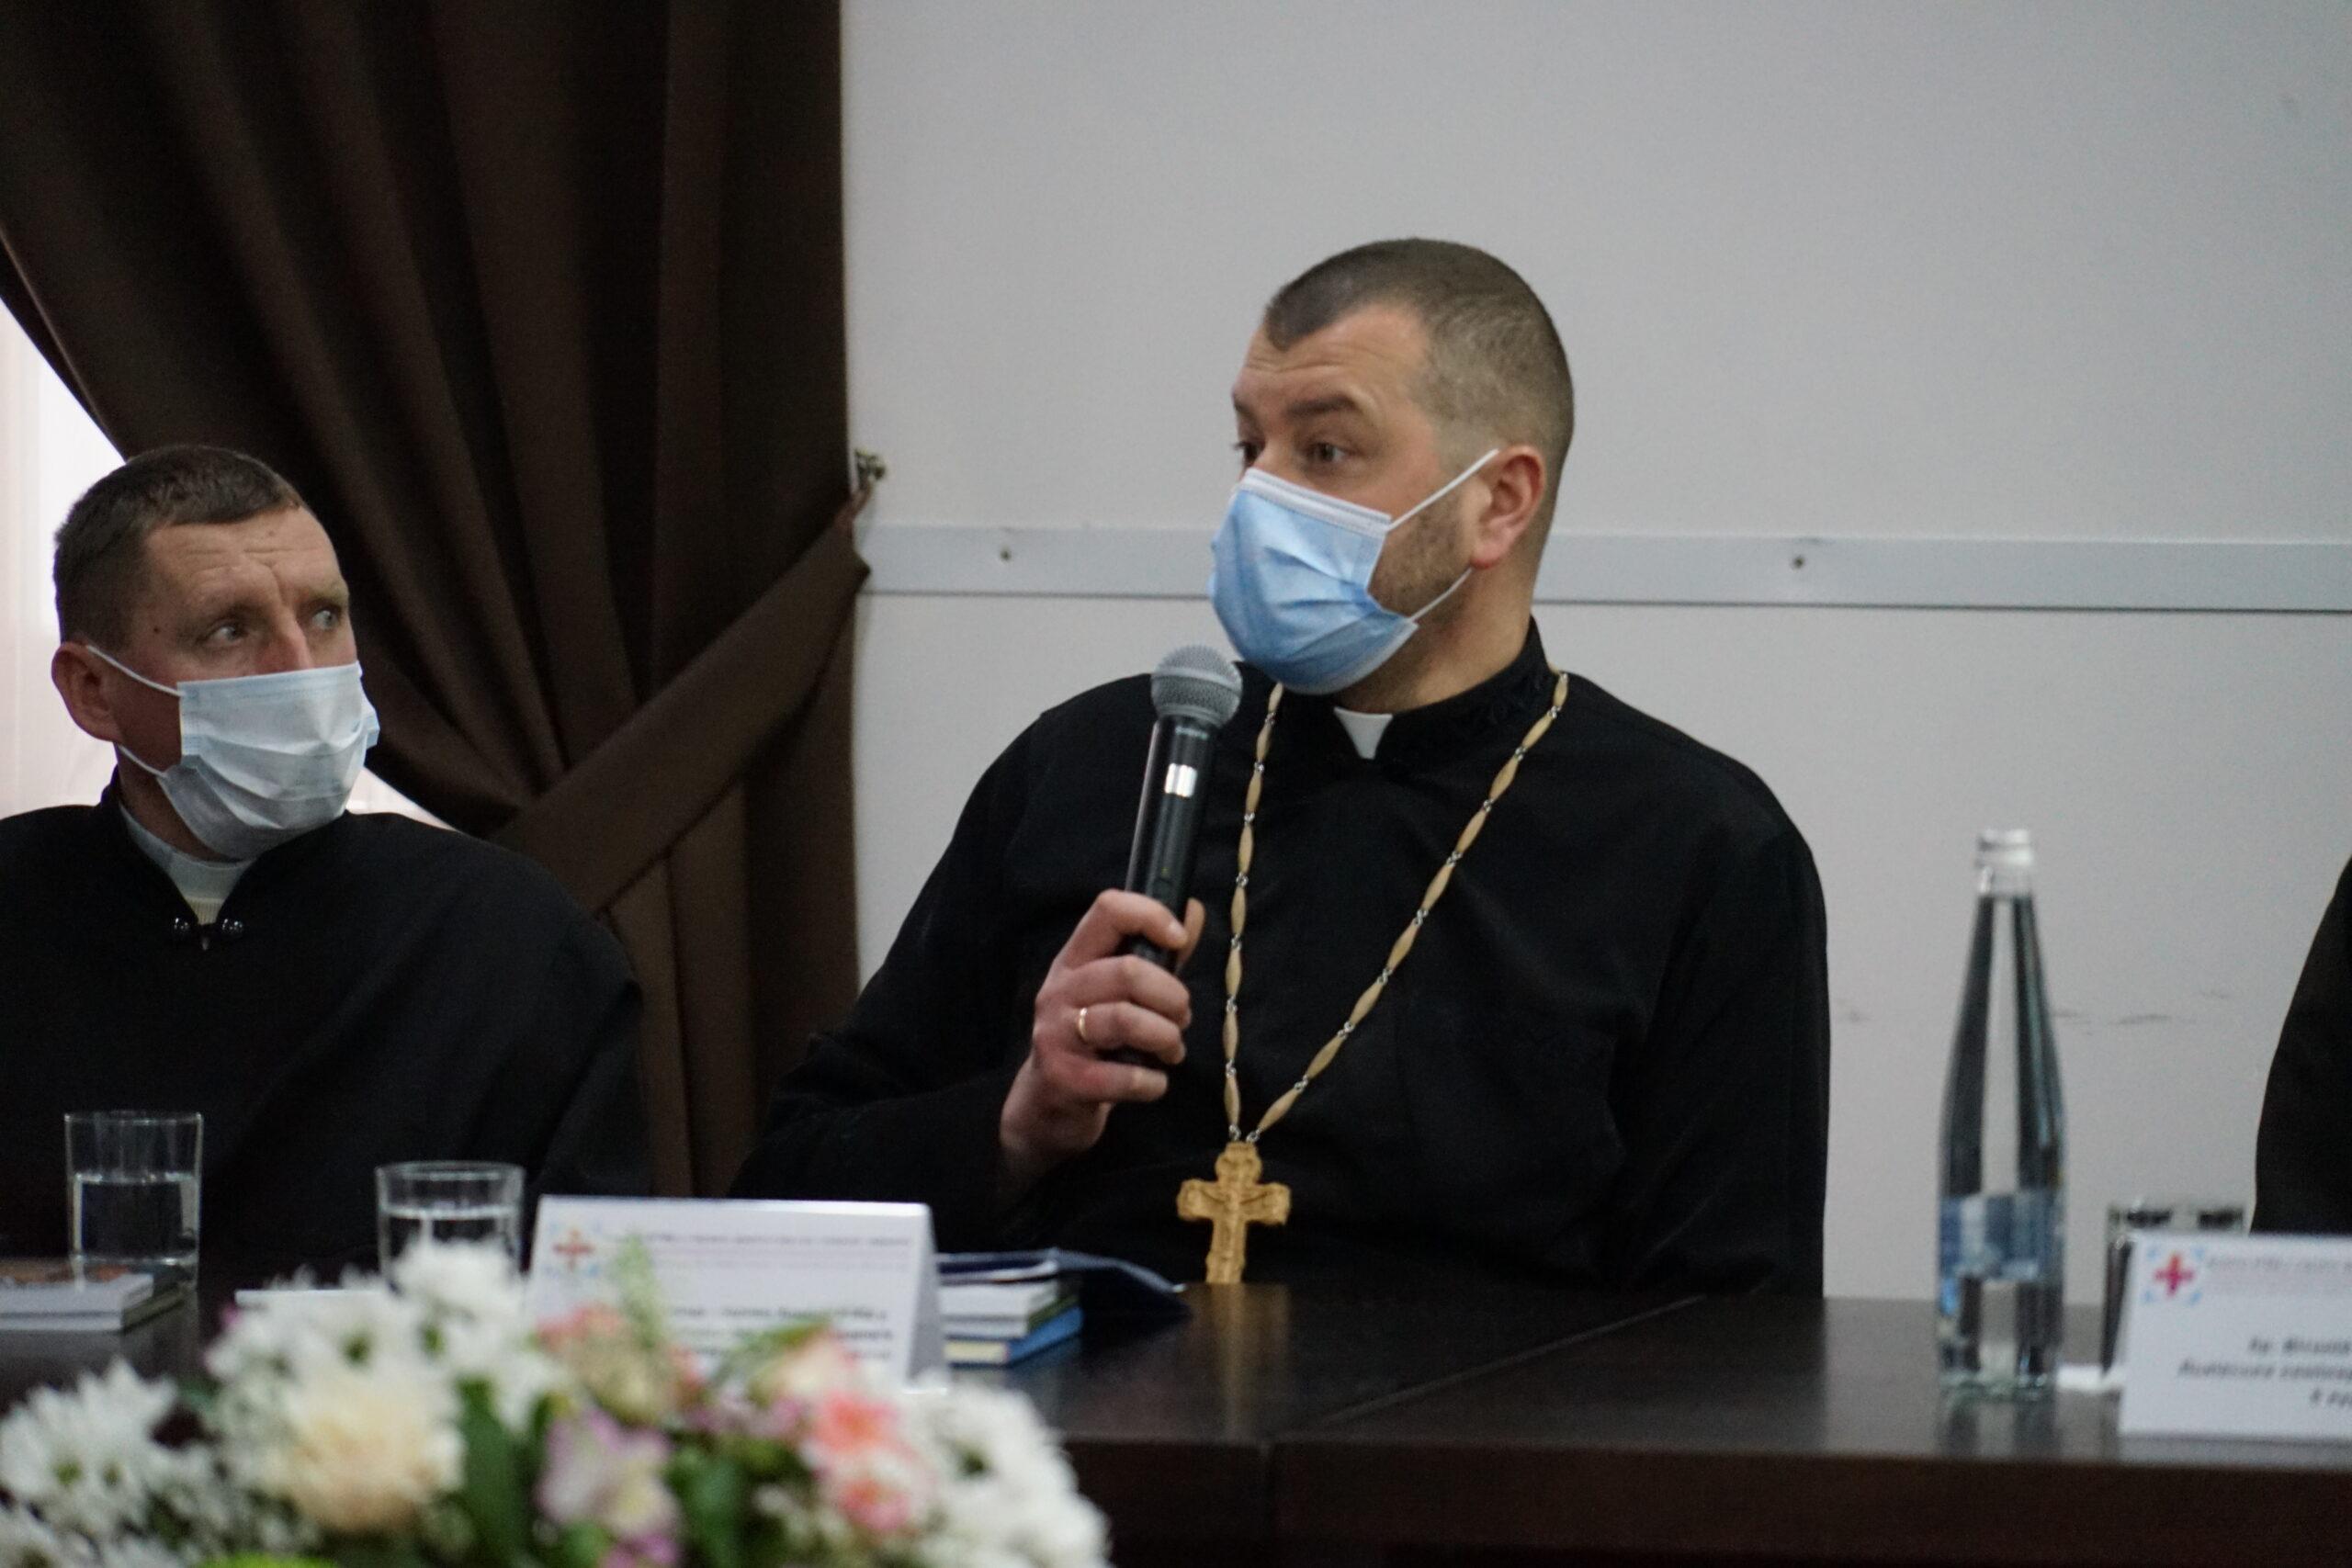 Перспективи розвитку медичного капеланства в Україні обговорили під час круглого столу у Львові_14